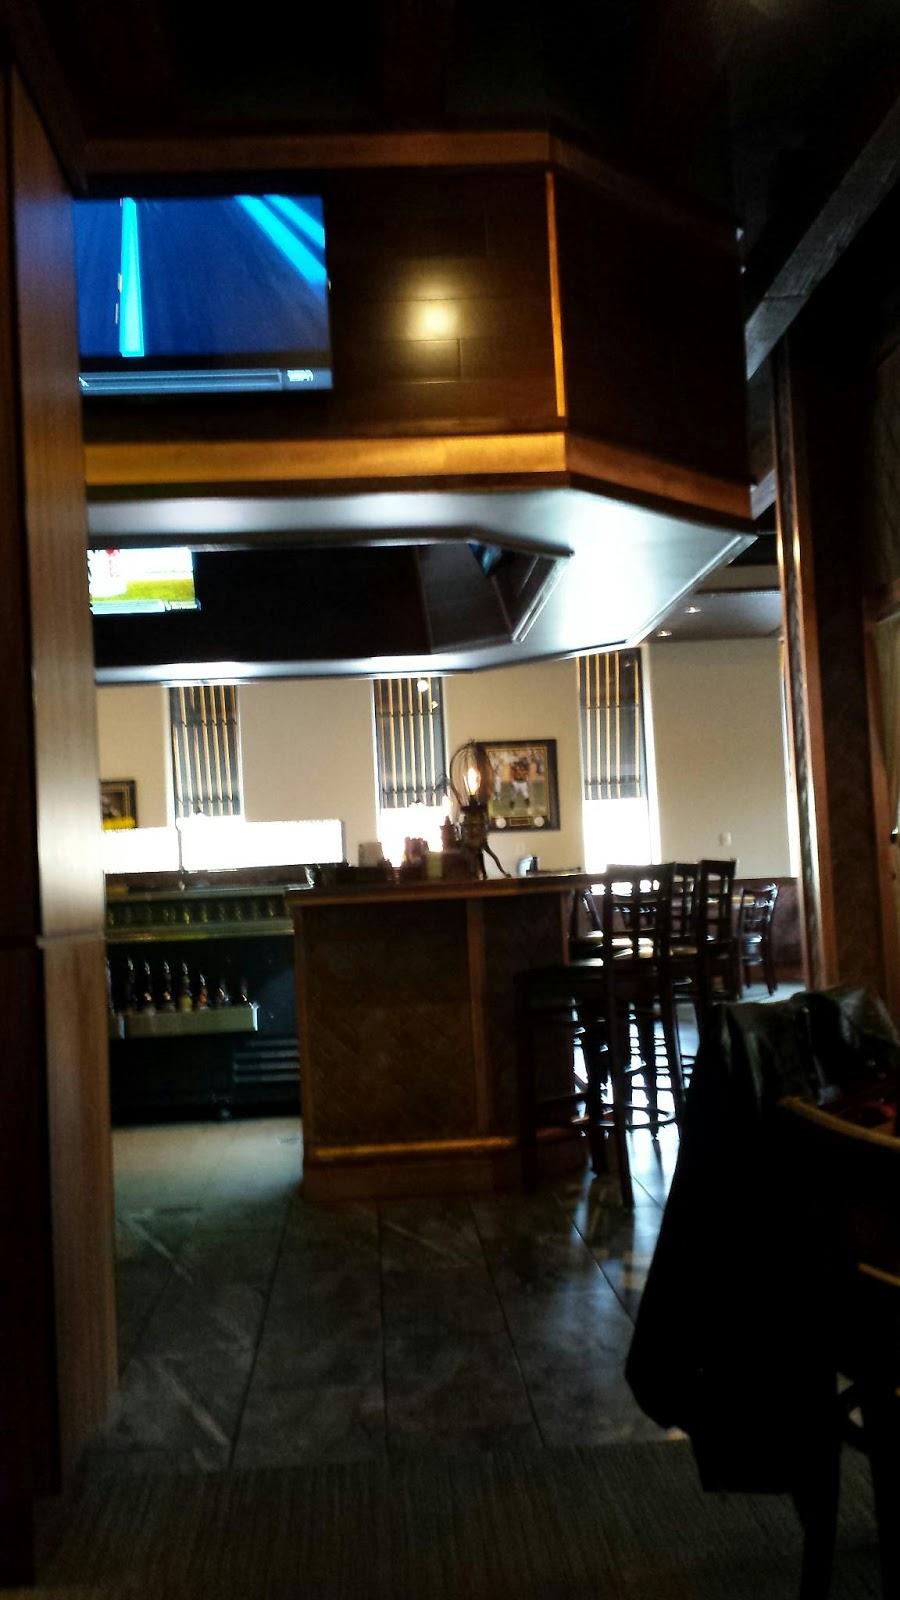 피츠버그 즐기기: 한국계 풋볼선수, 하인즈가 차린 음식점, Hines ...